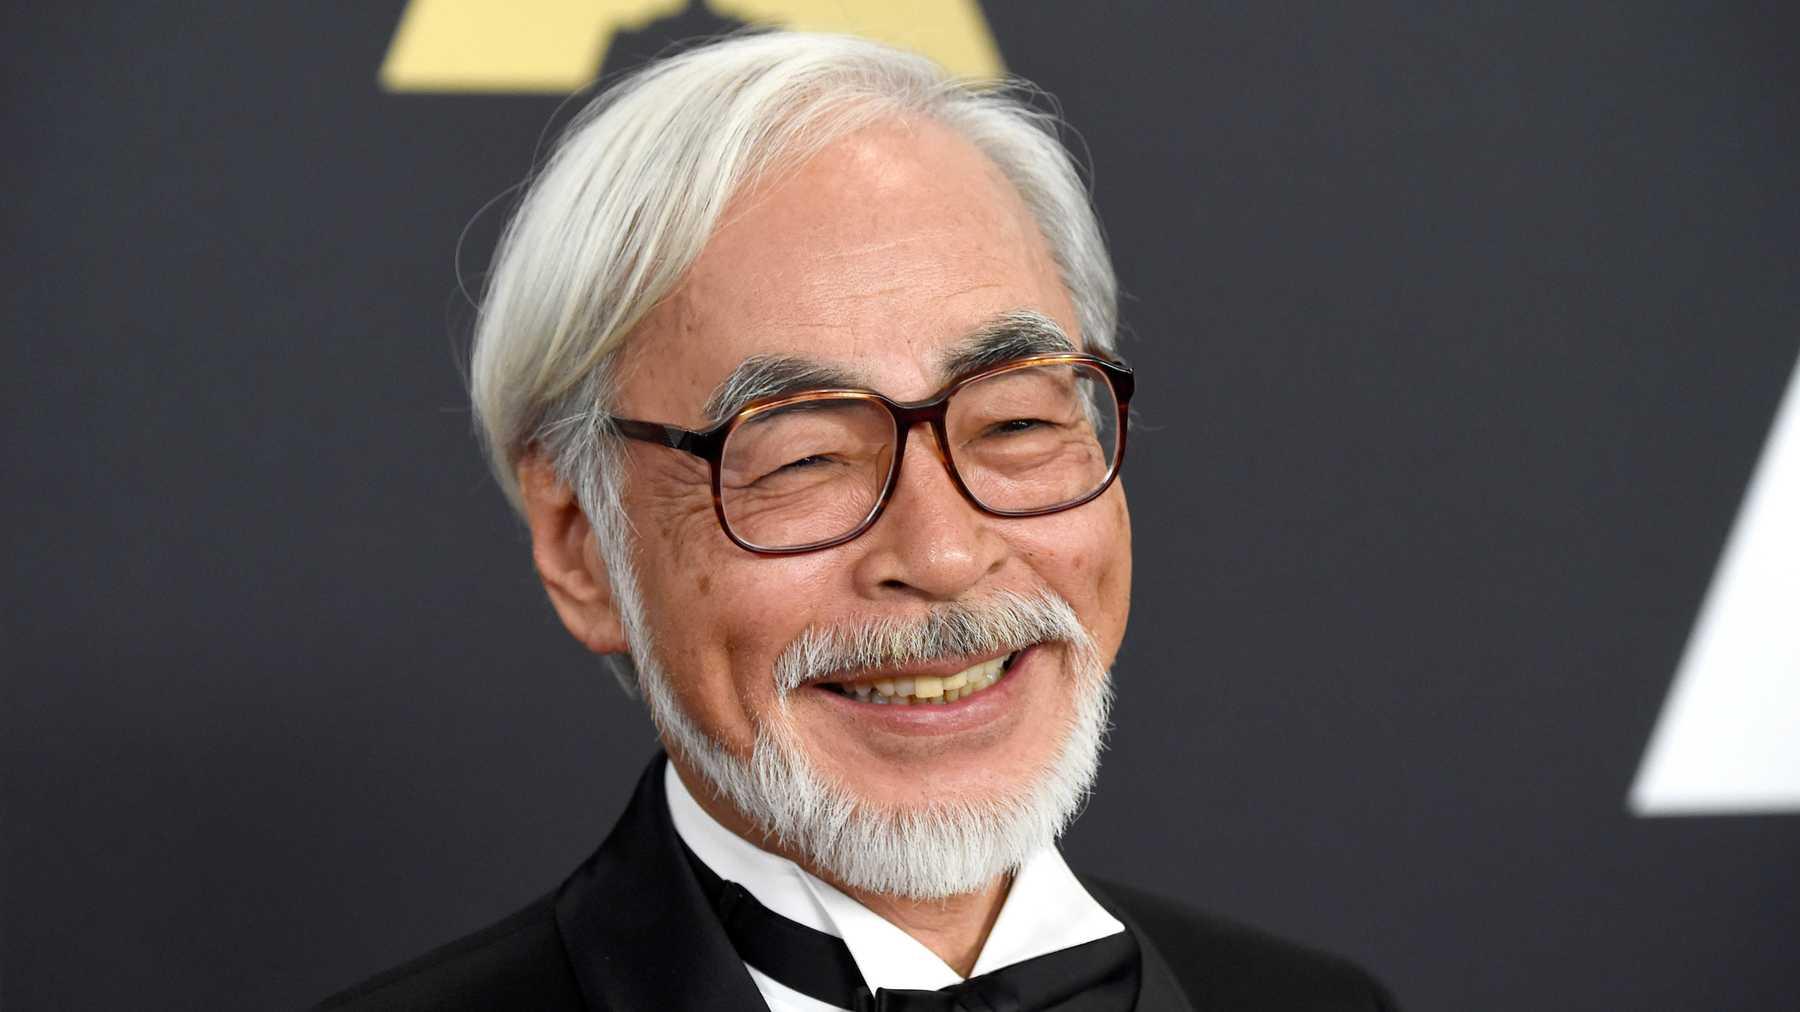 Hayao Miyazaki Japanese Animator, Filmmaker, Screenwriter, Author and Manga Artist